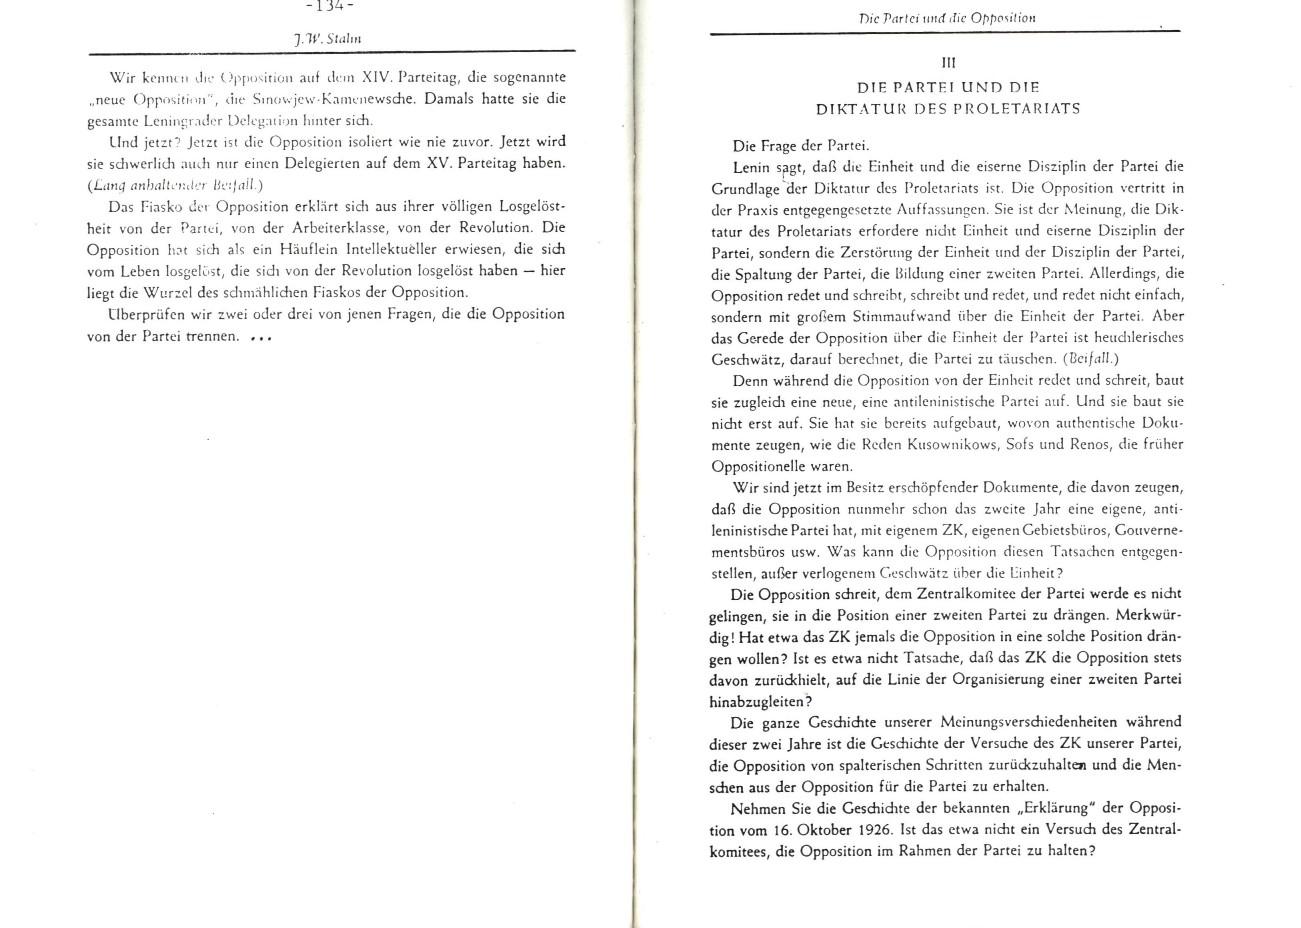 MLSK_Theorie_und_Praxis_des_ML_1979_25_68